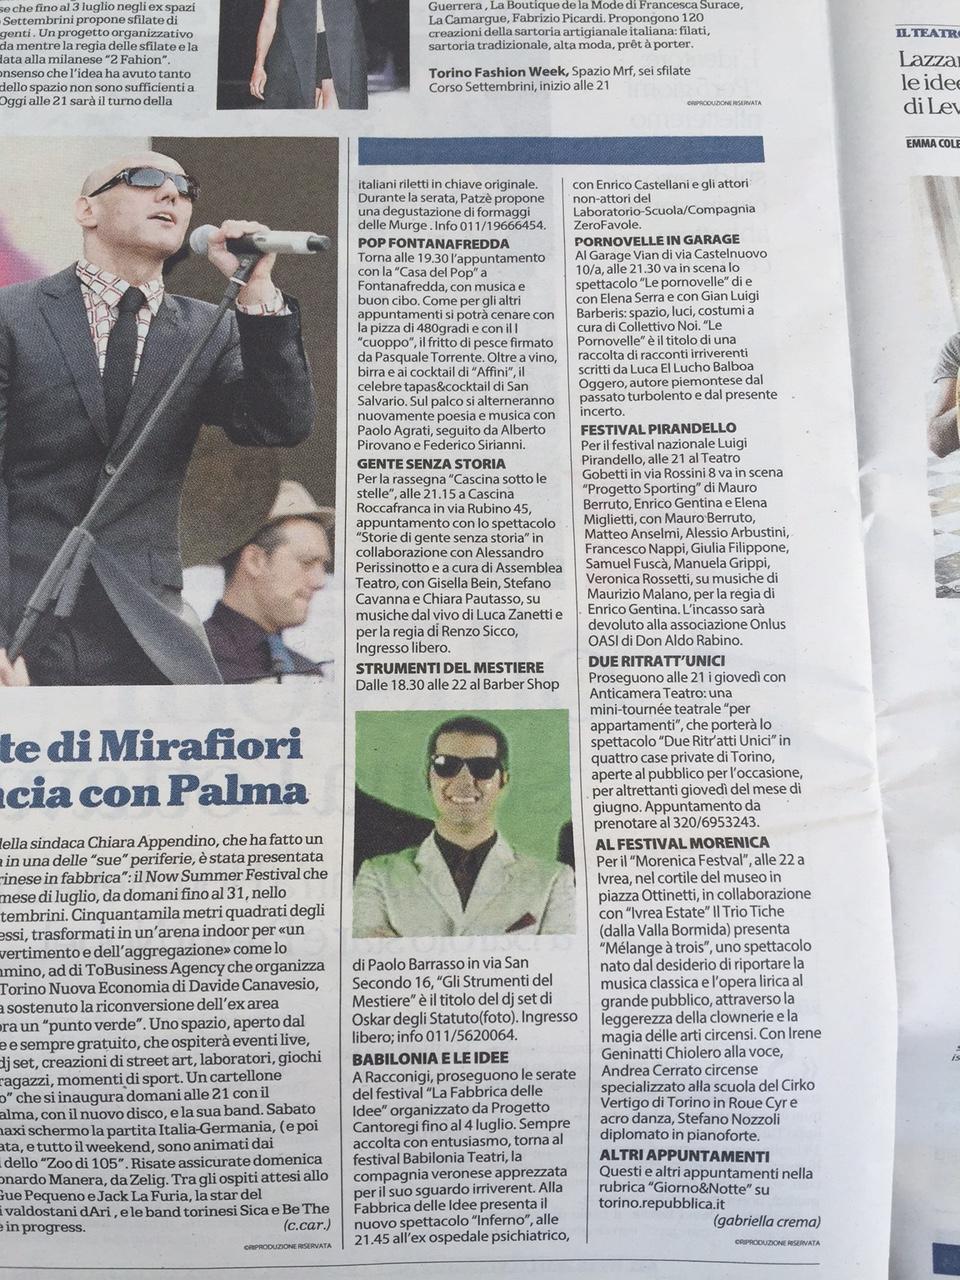 Repubblica 30.06